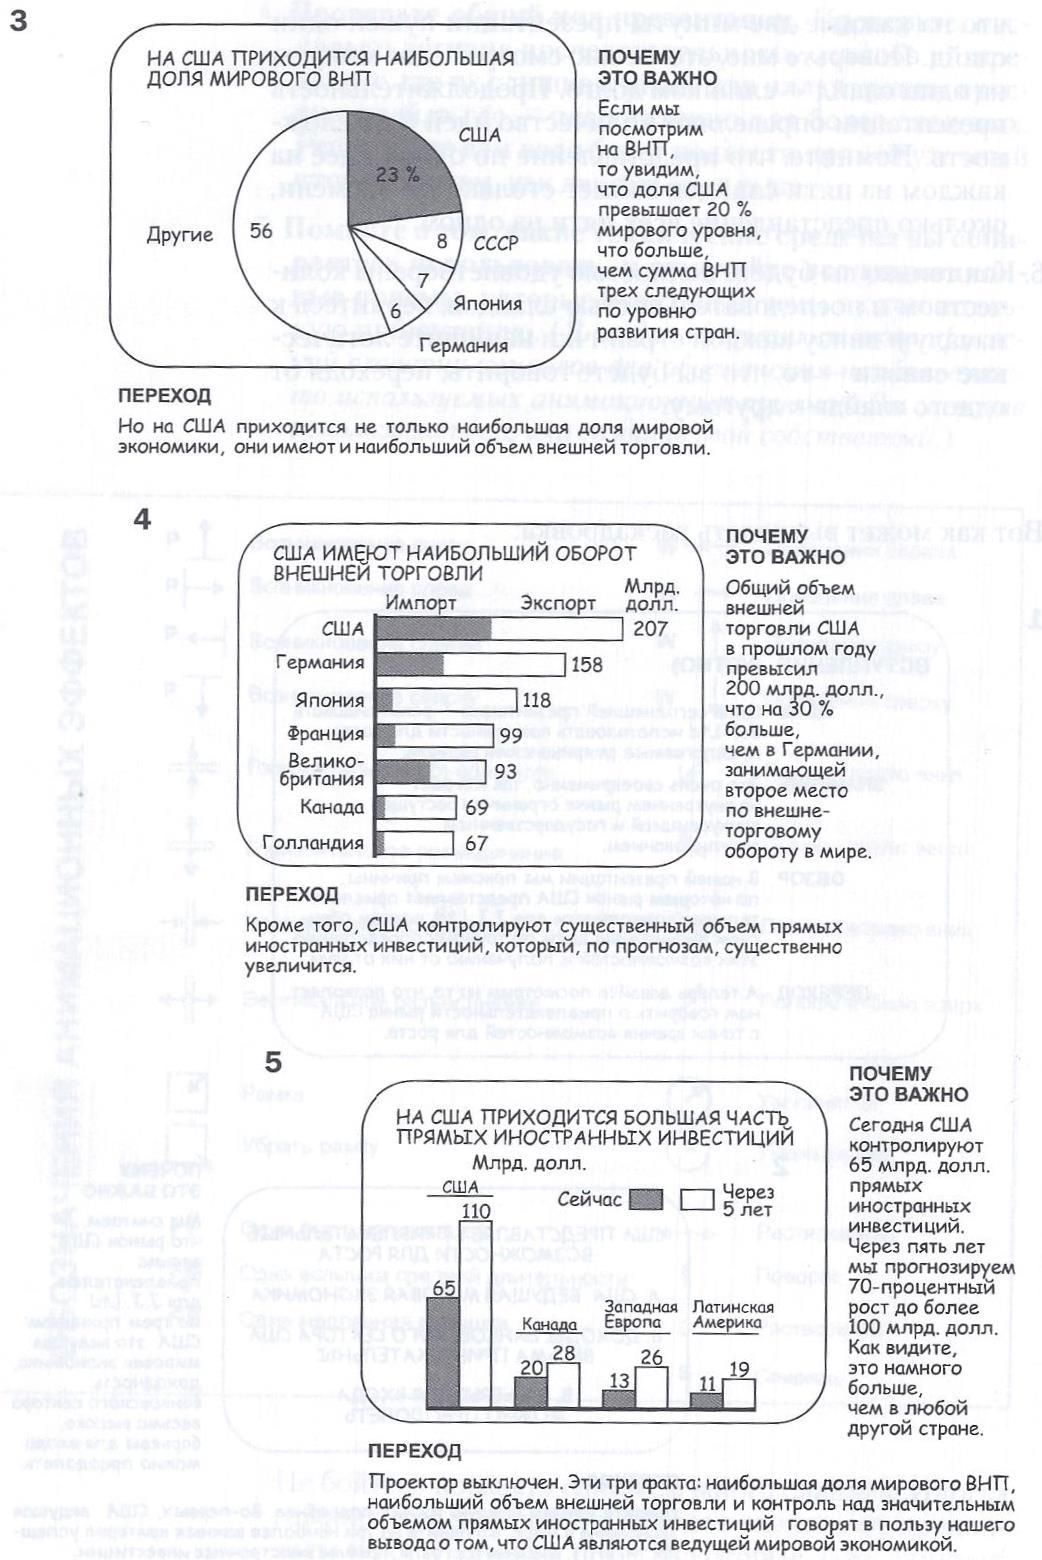 пулшьт от проектора инструкция как листать слайды